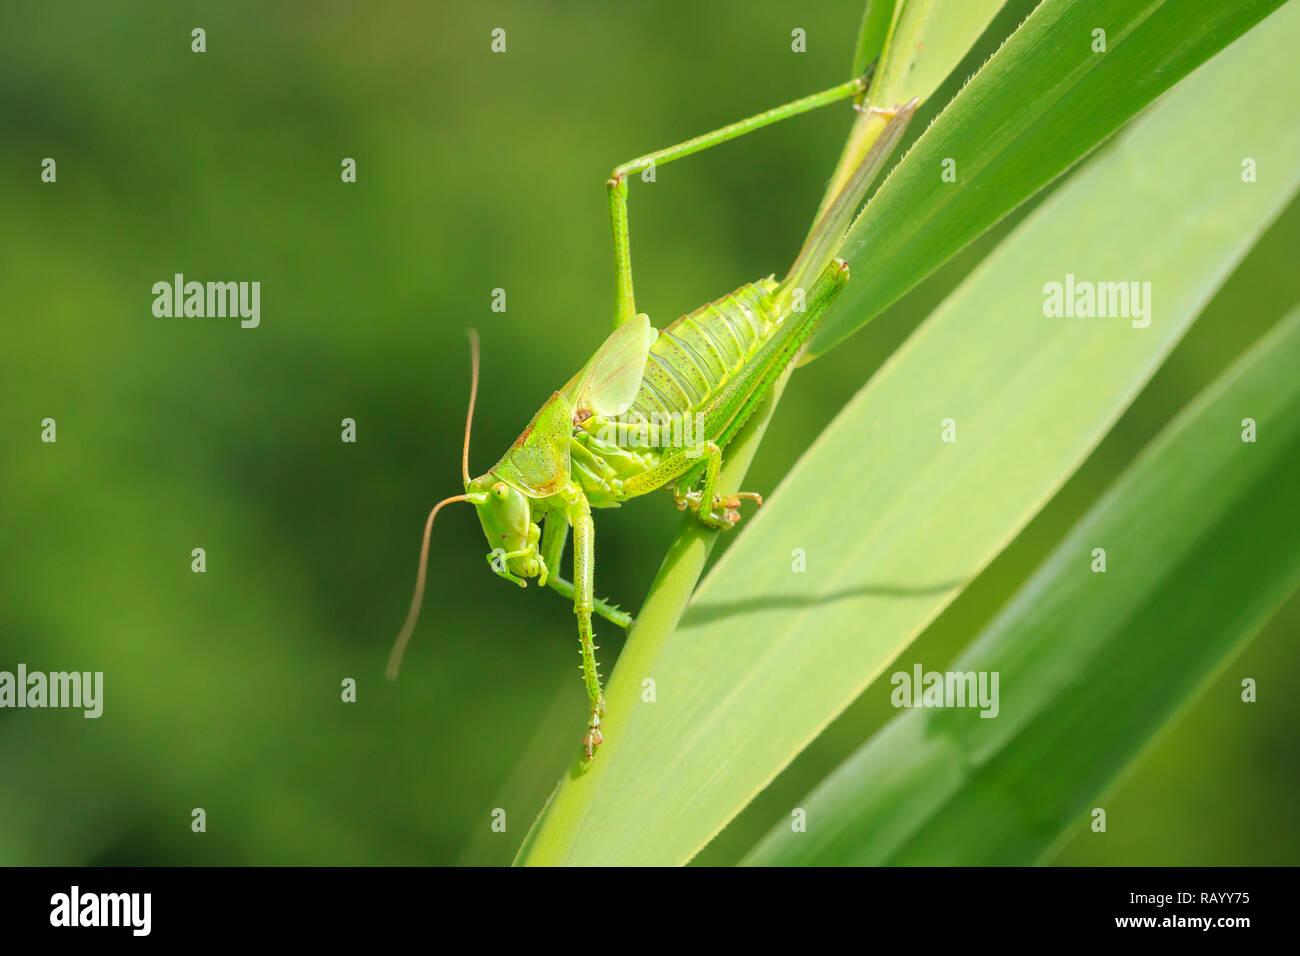 Makro Nahaufnahme eines weiblichen Großen Green Bush - Kricket, Tettigonia Viridissima mit ovipositor. Stockbild